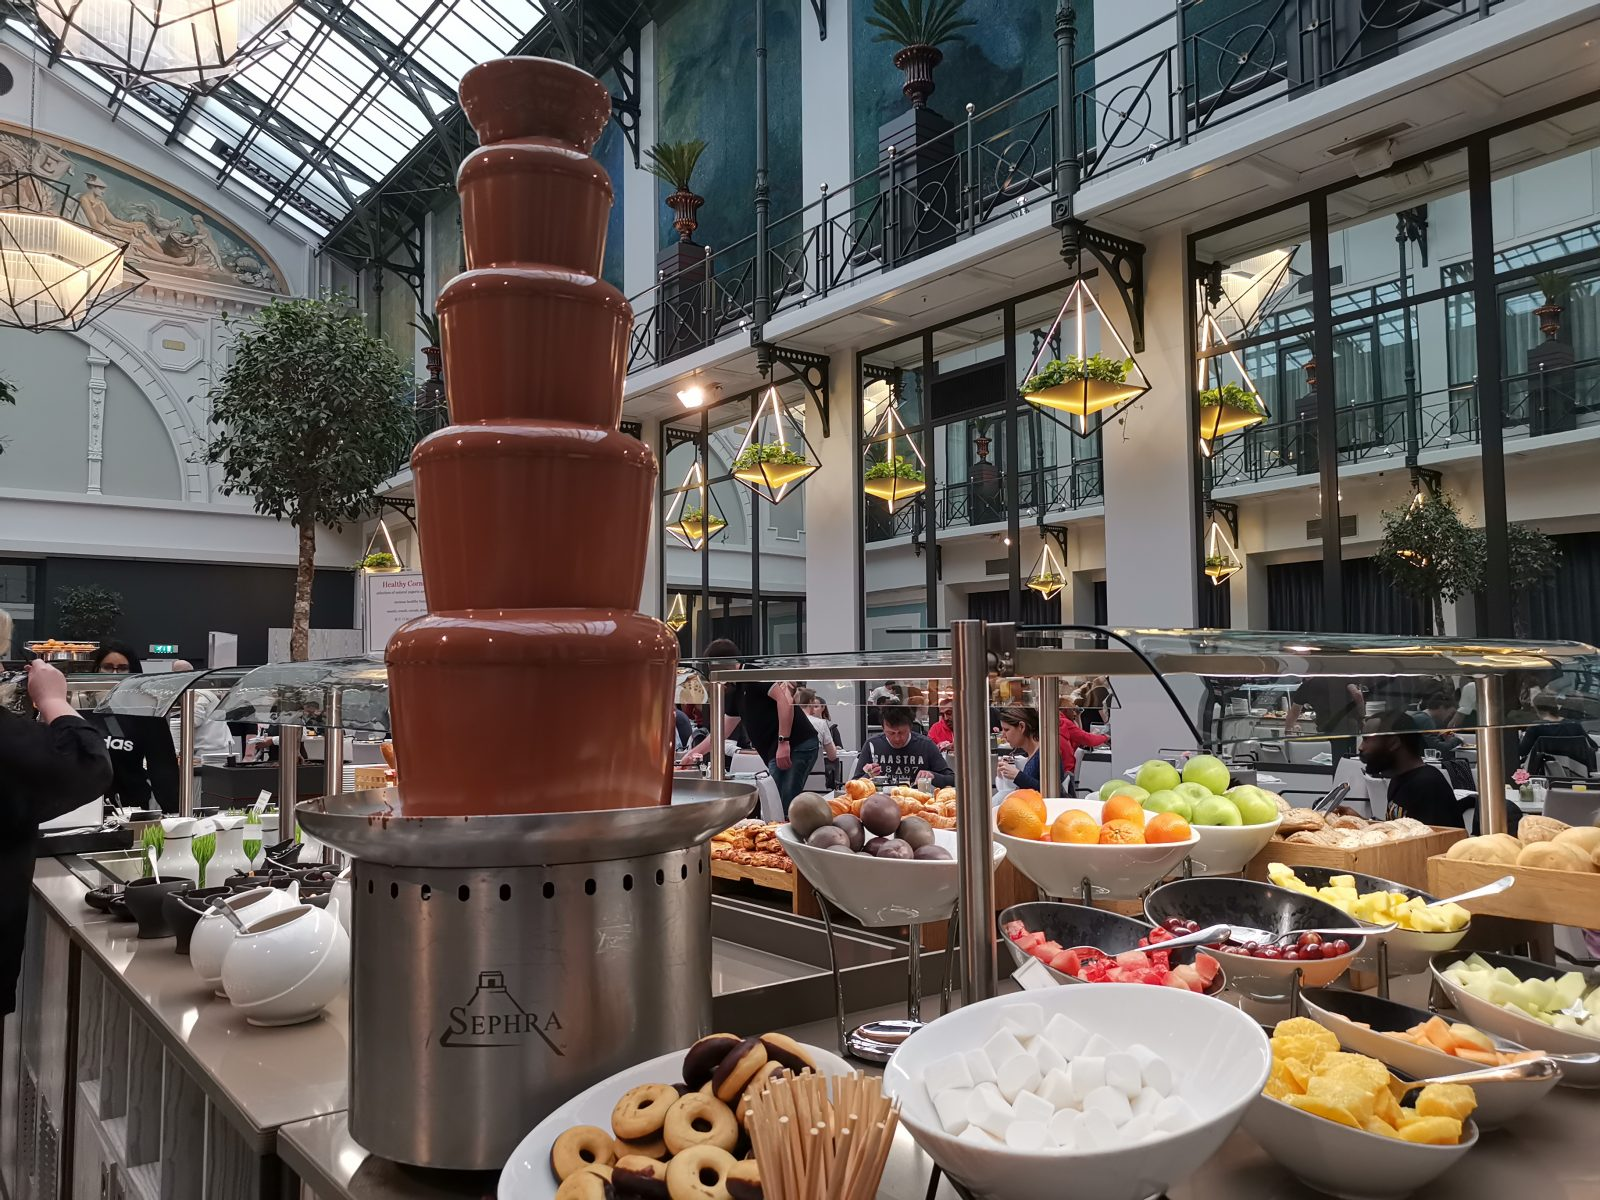 NH コレクション アムステルダム グランド ホテル クラスナポルスキーの朝食(チョコファウンテン)